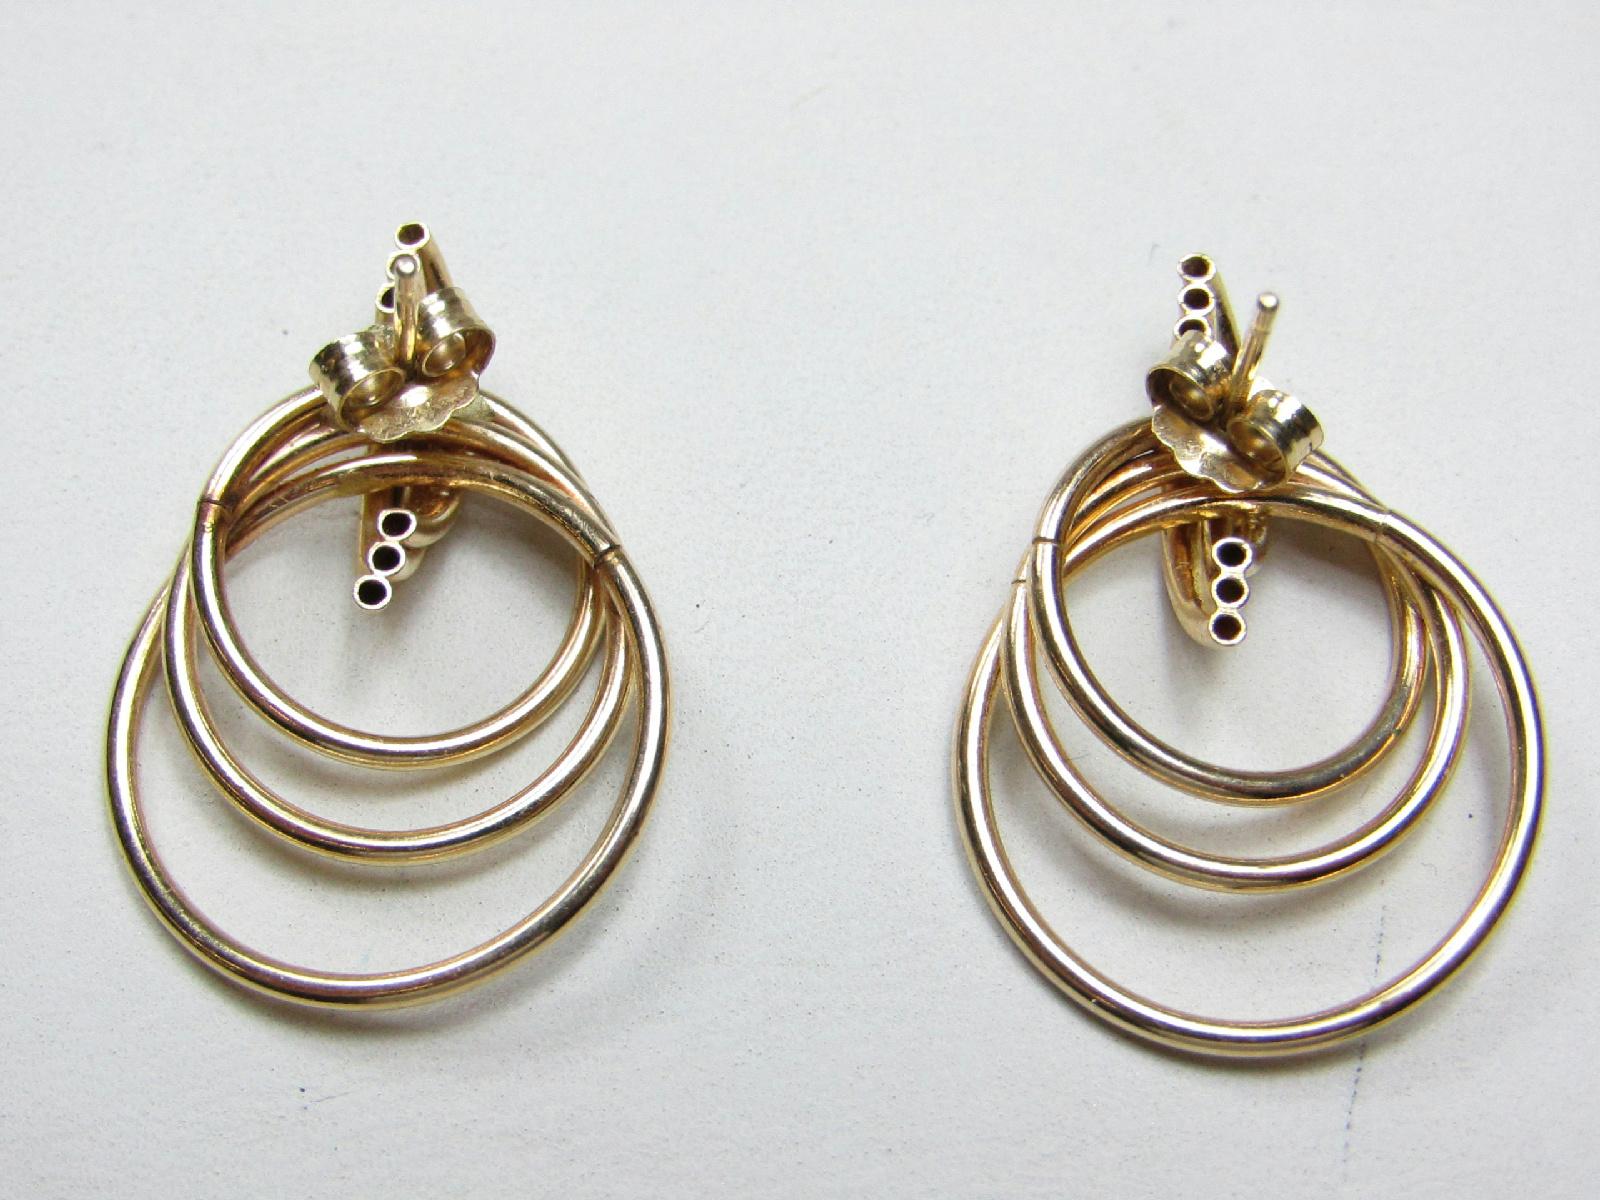 14kt Yellow Gold Jewelry Drop Hoop Earrings W/ Backs